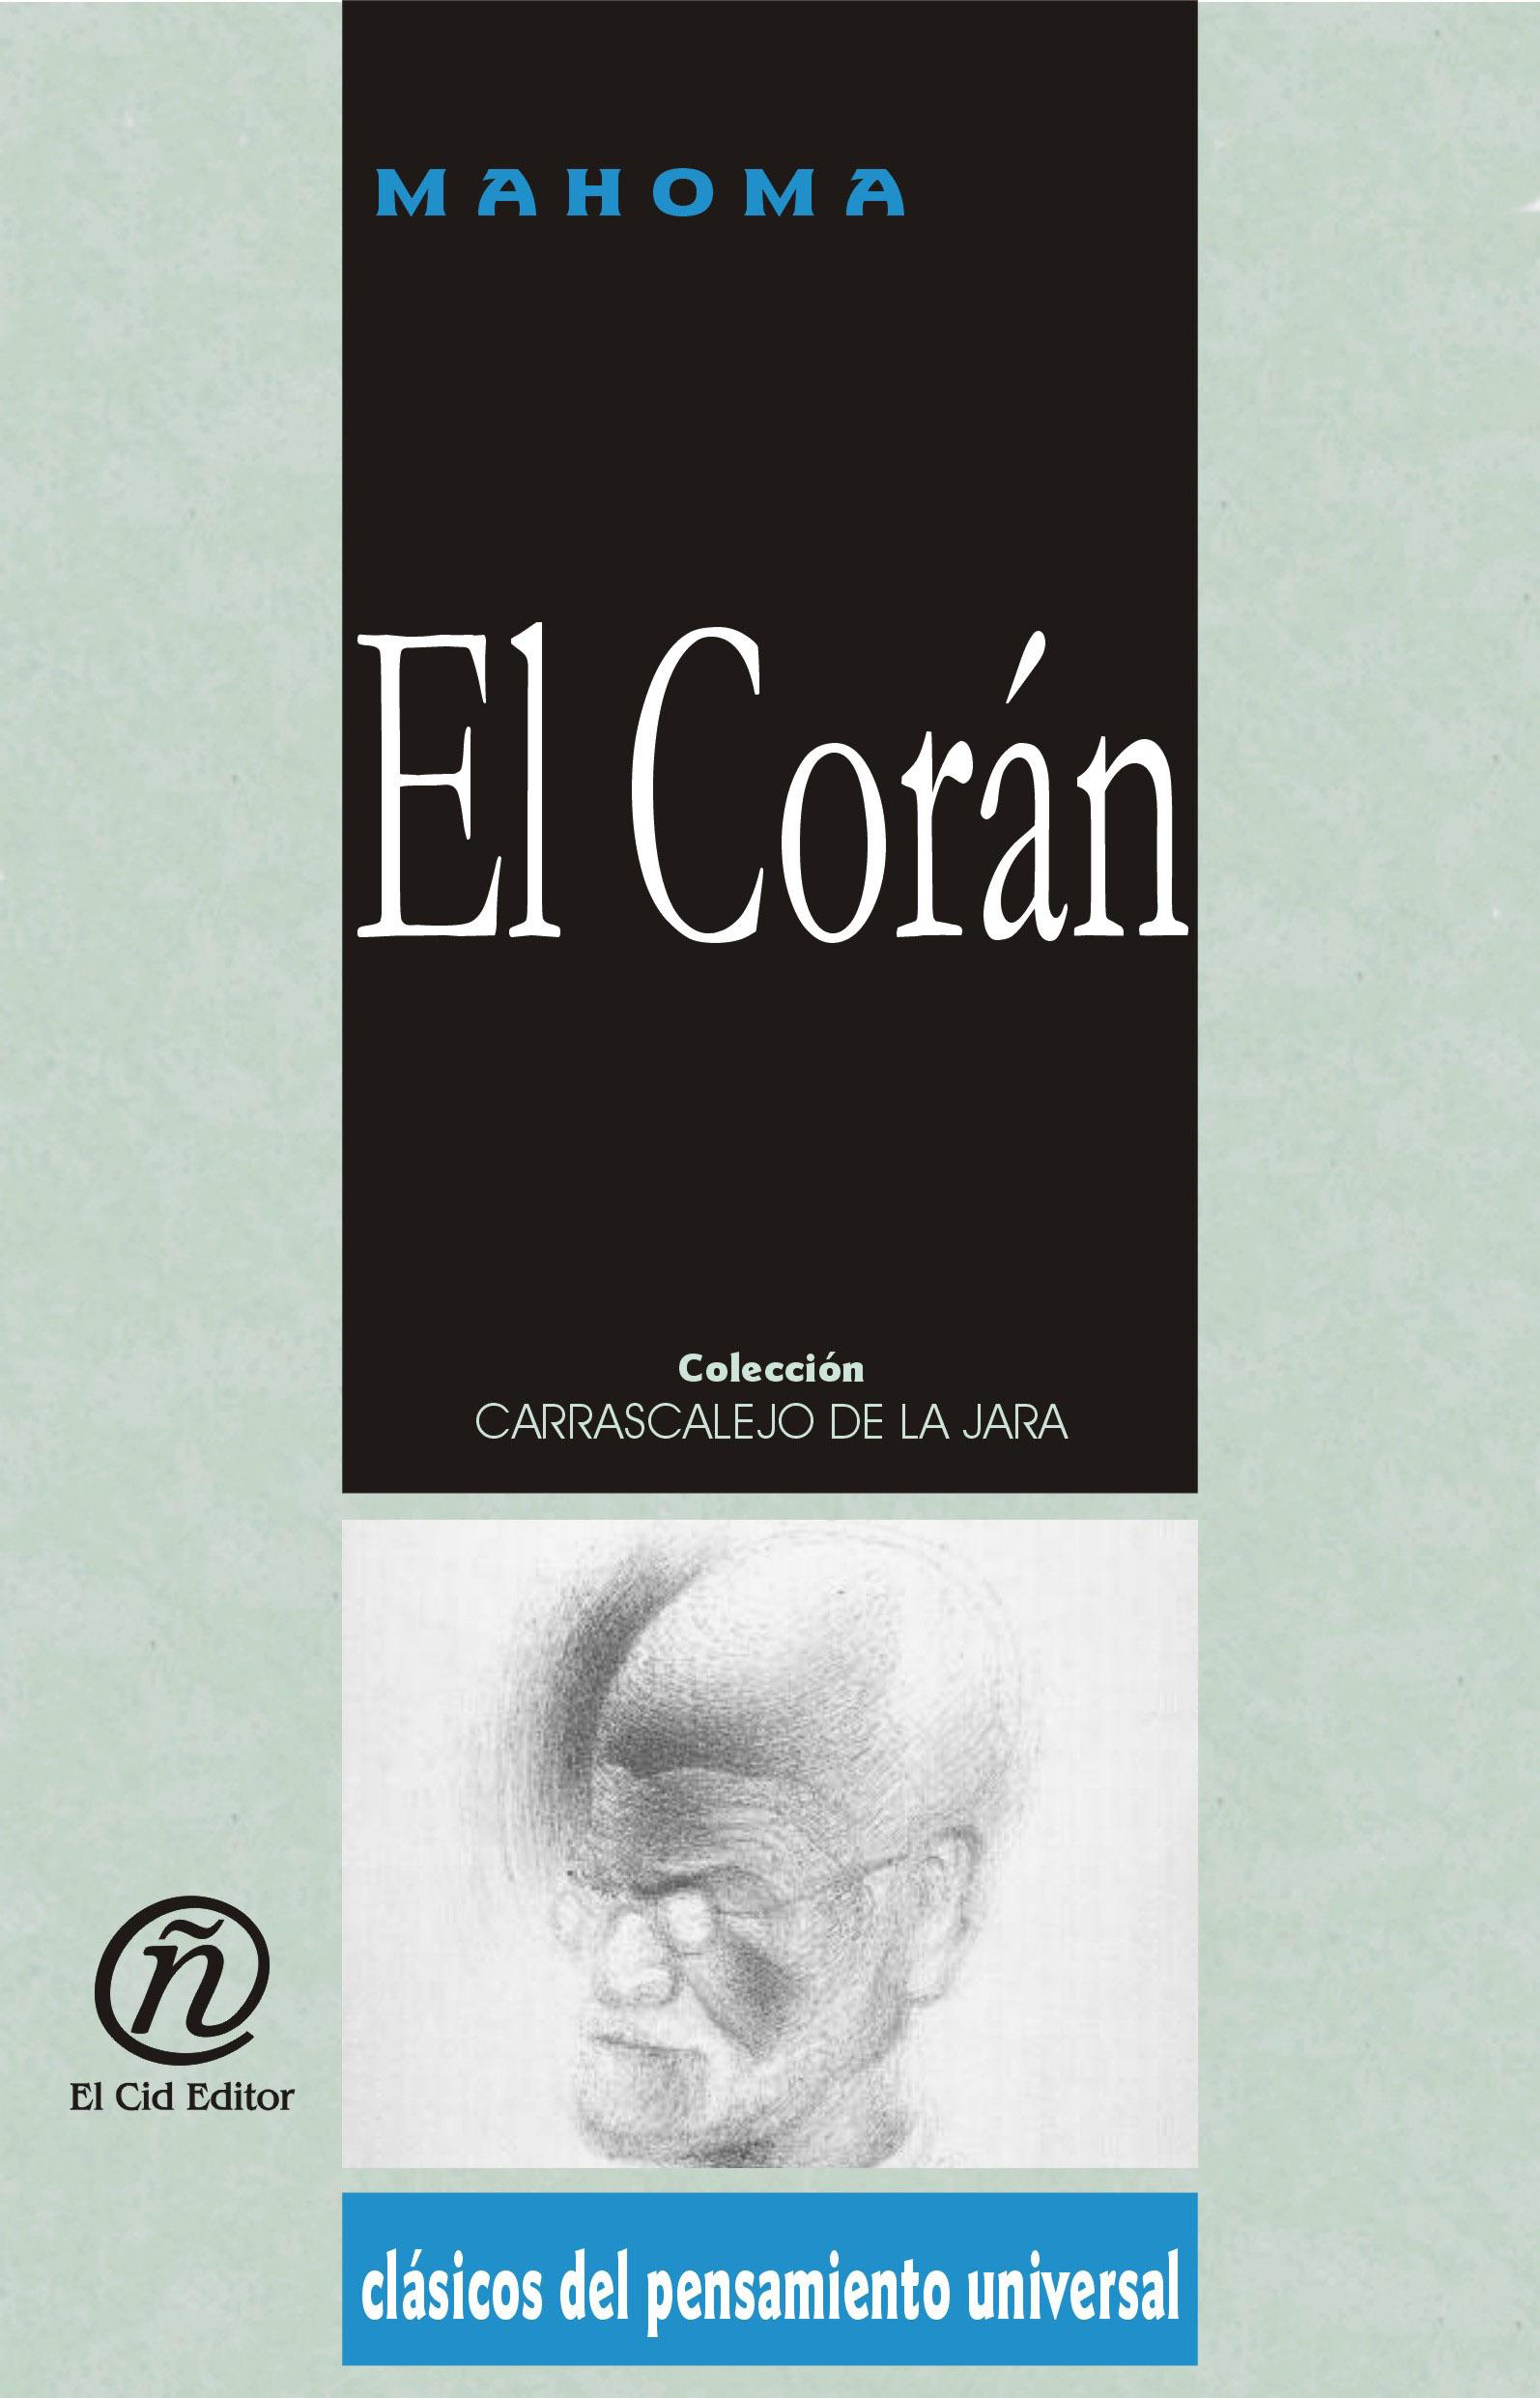 """El Cor?n: Colecci?n de Cl?sicos del Pensamiento Universal """"Carrascalejo de la Jara"""""""